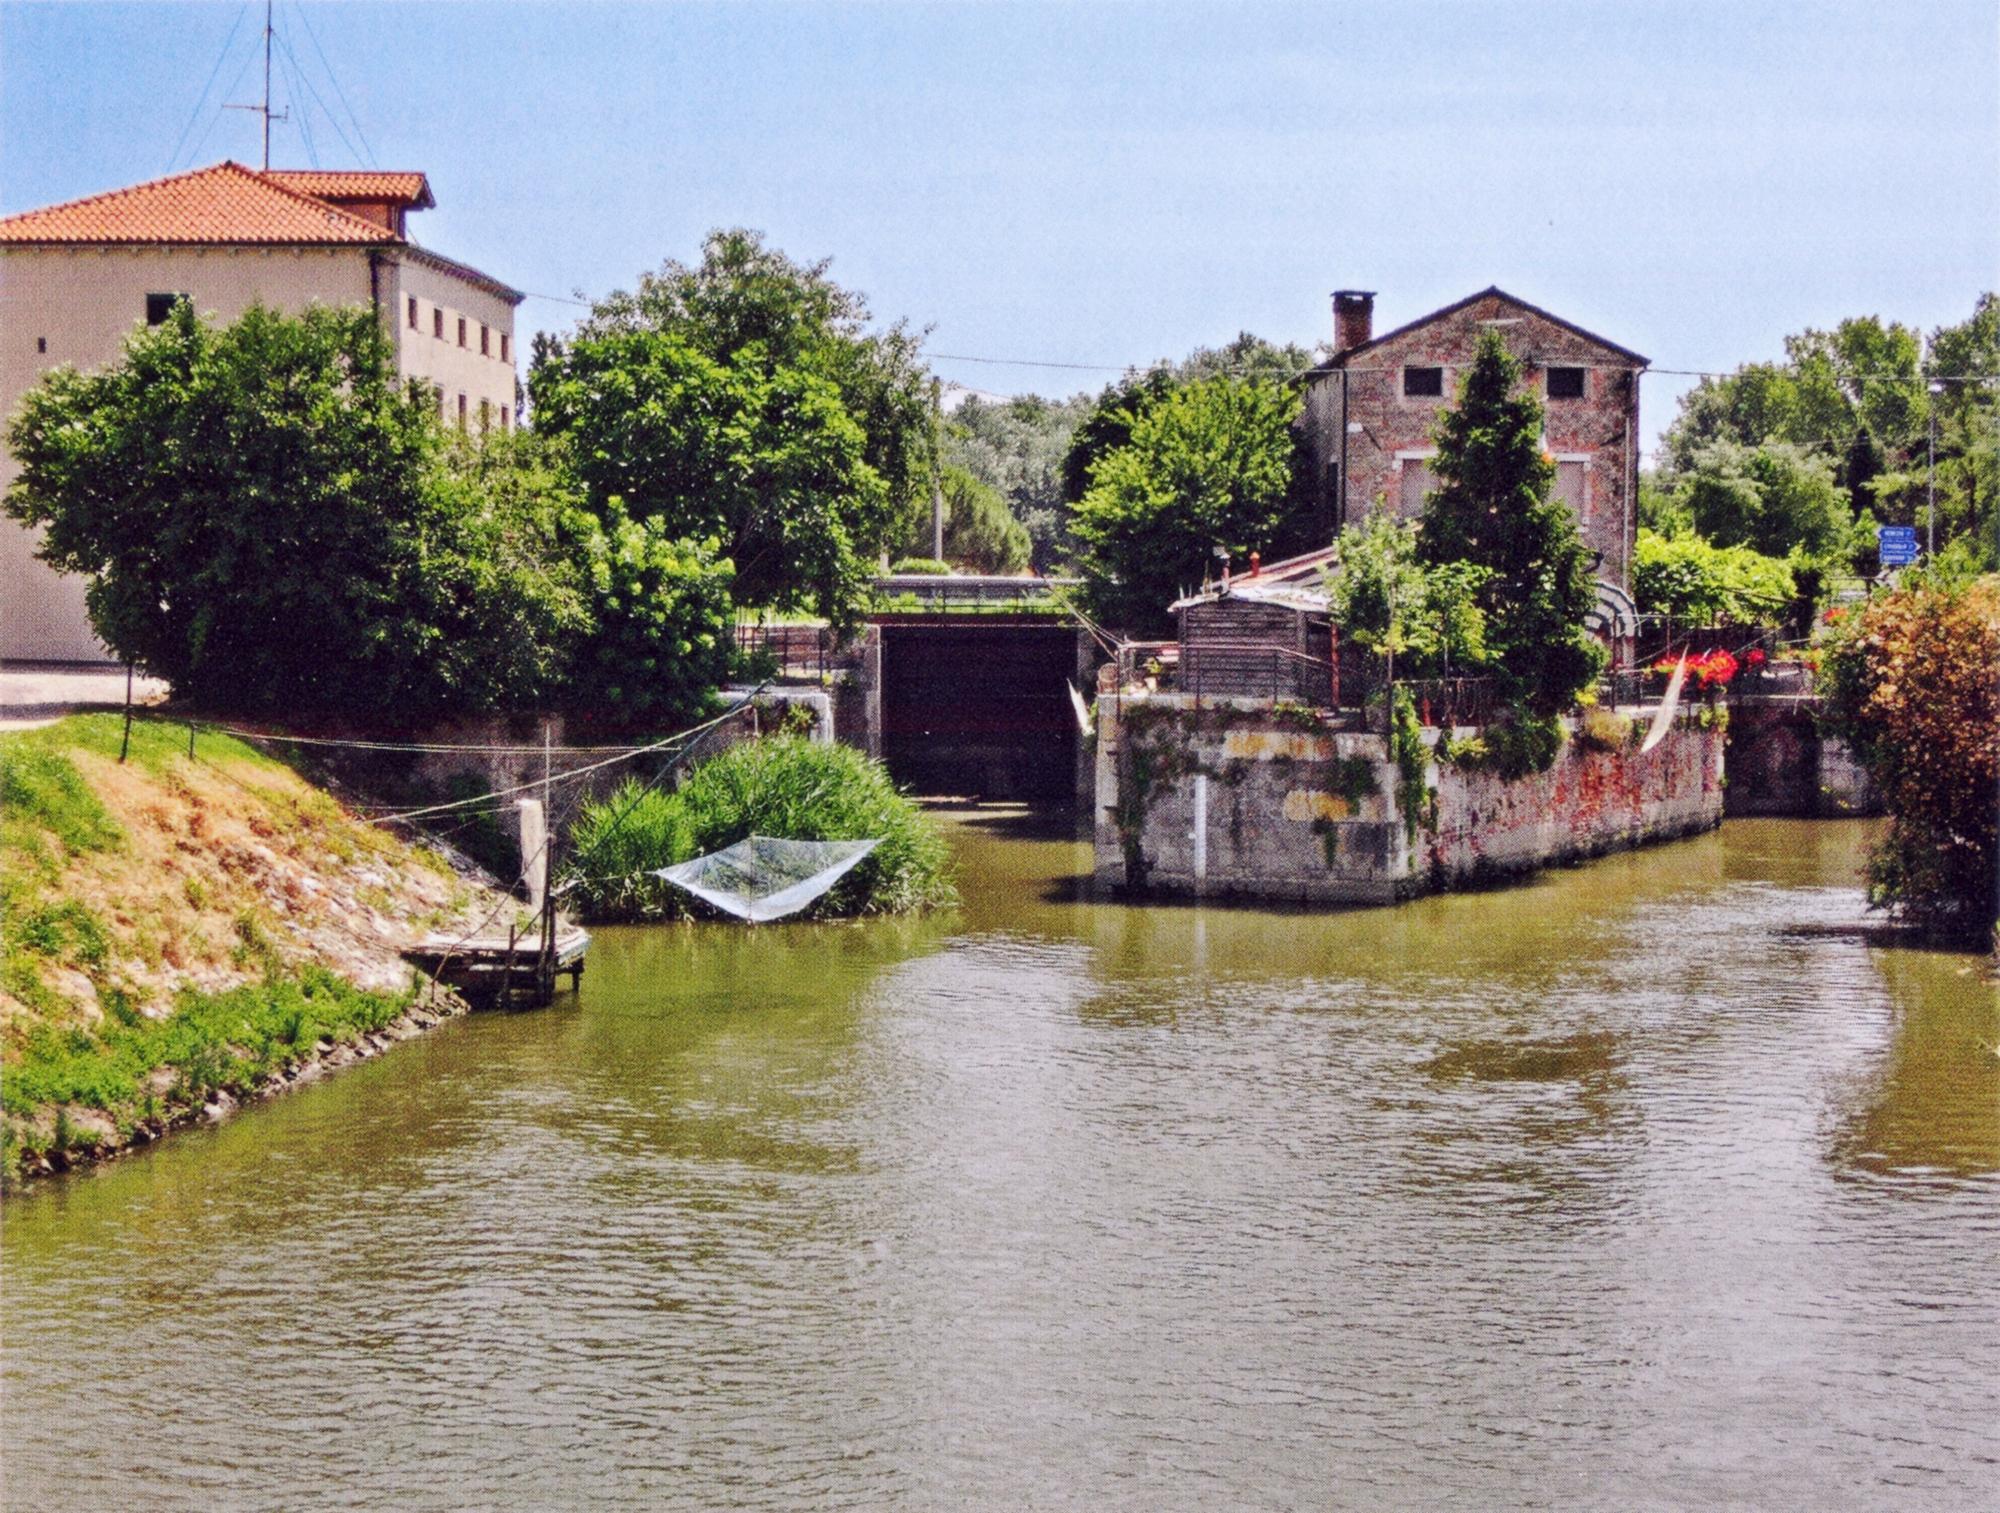 L'acqua della Brenta Novissima, in località Lova, con la conca di navigazione e il sottopasso.